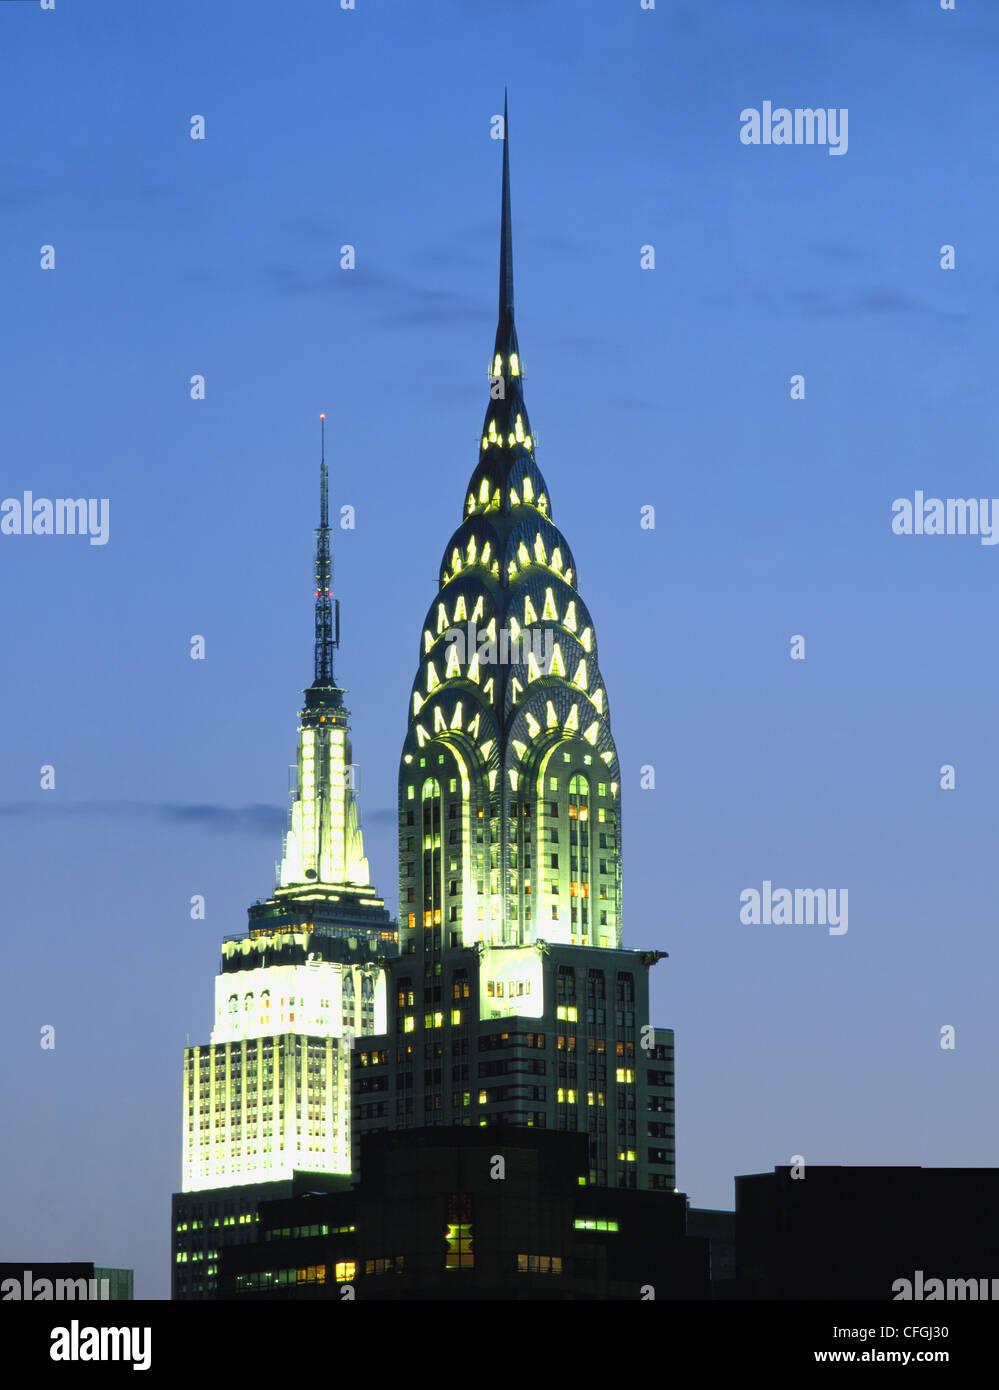 Edificios Chrysler y Empire State por la noche, NUEVA YORK, ESTADOS UNIDOS. Foto de stock